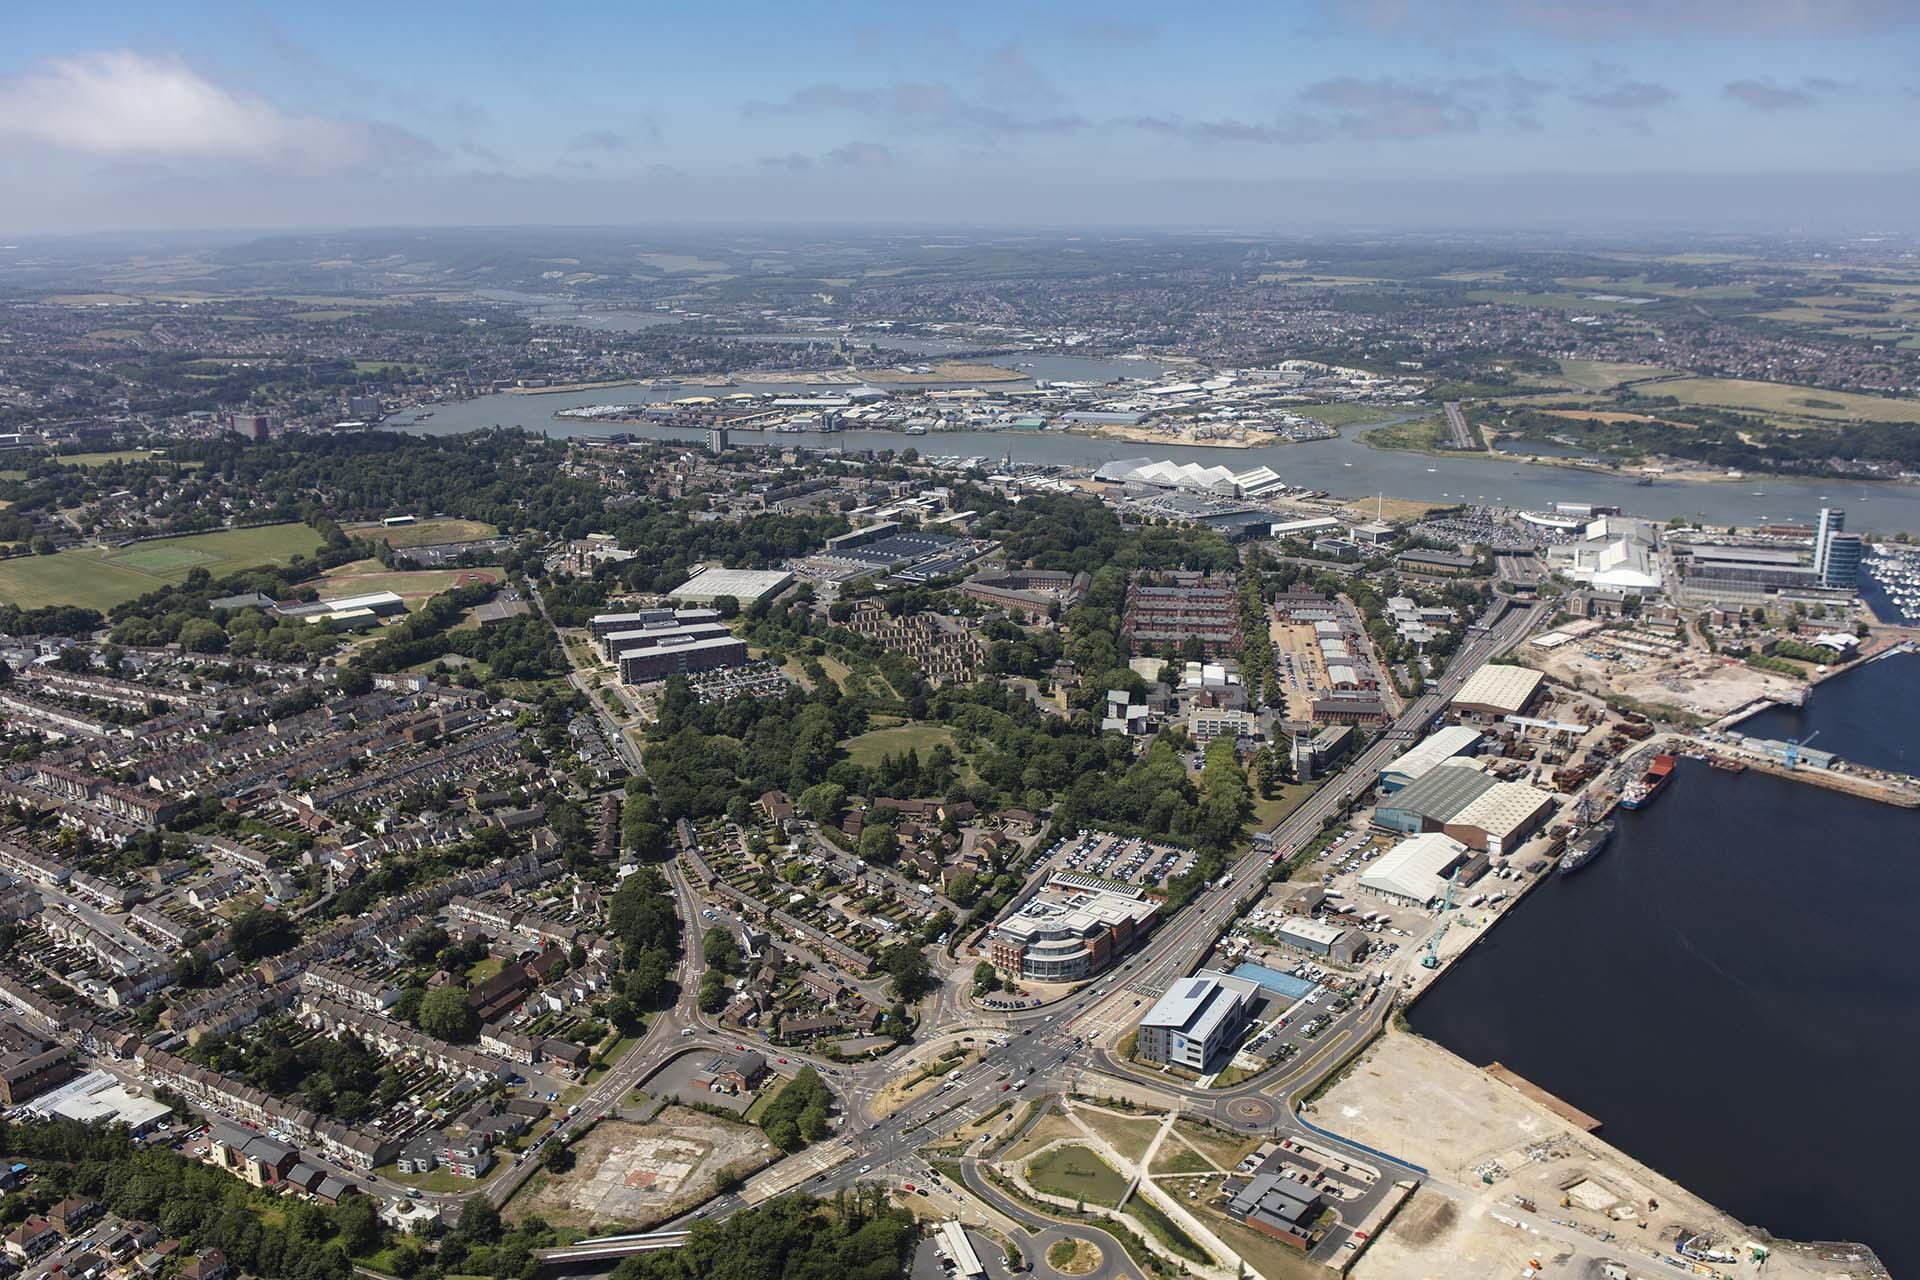 Aerial shot of Medway